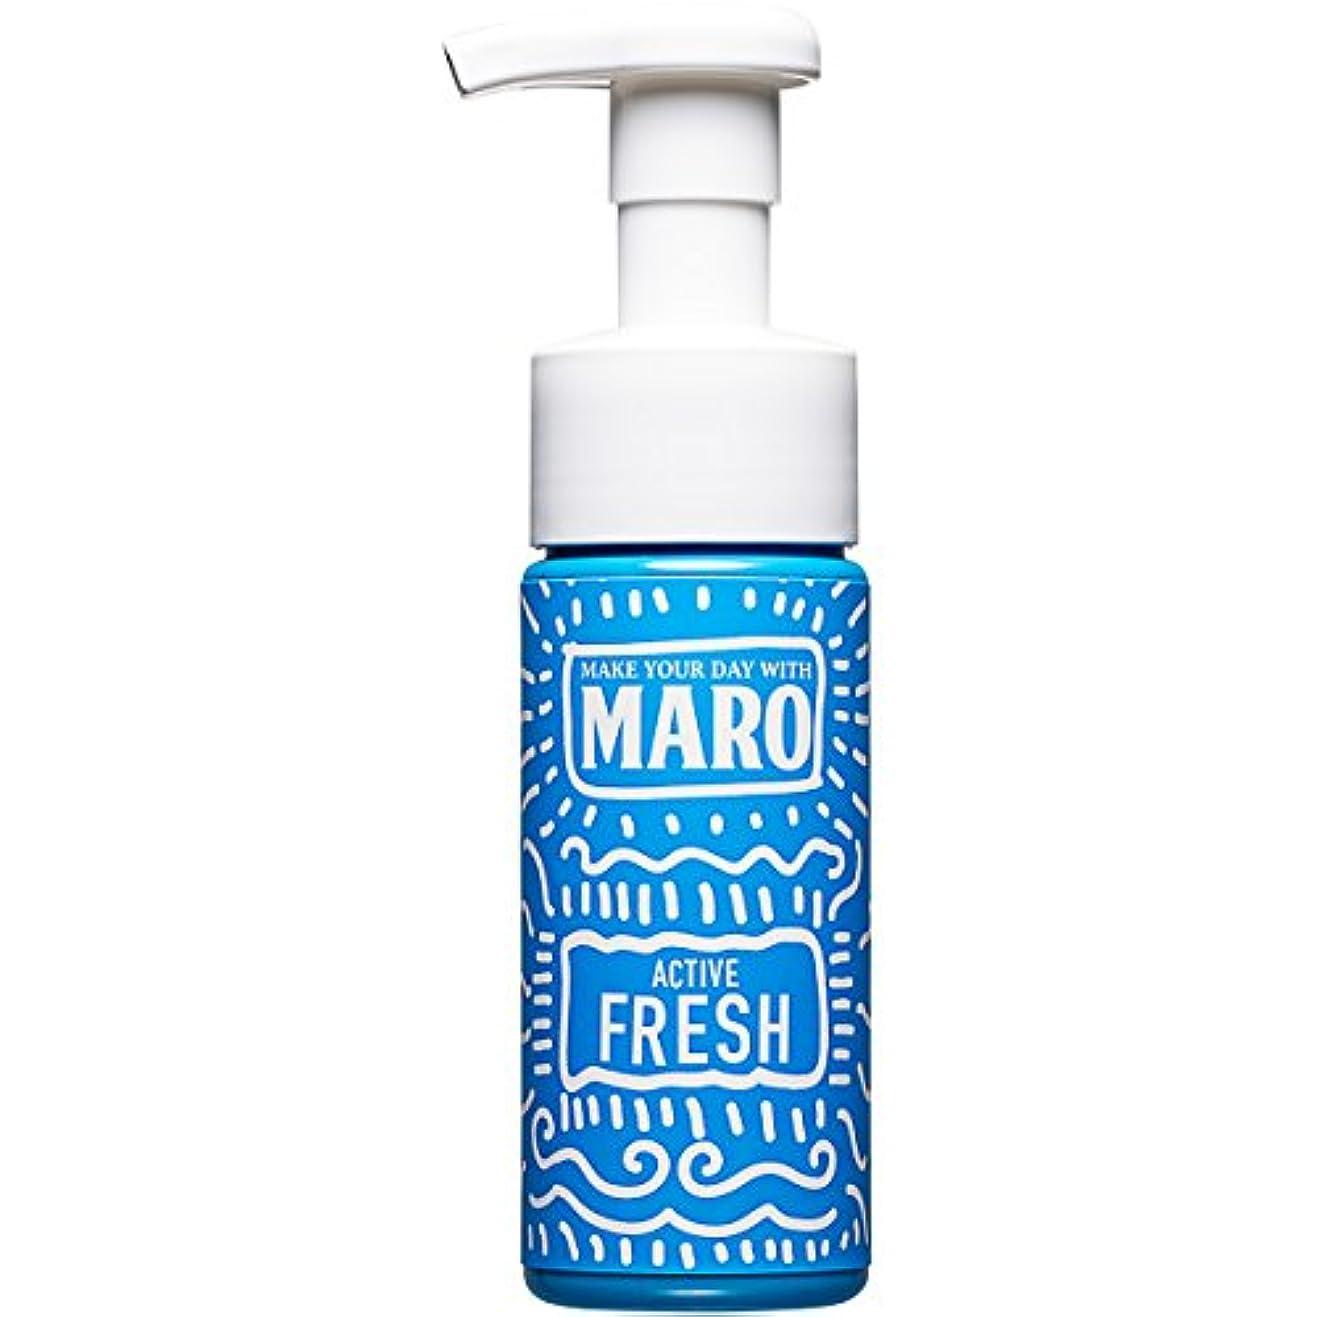 調整ホールドディベートMARO グルーヴィー 泡洗顔 アクティブフレッシュ 150ml